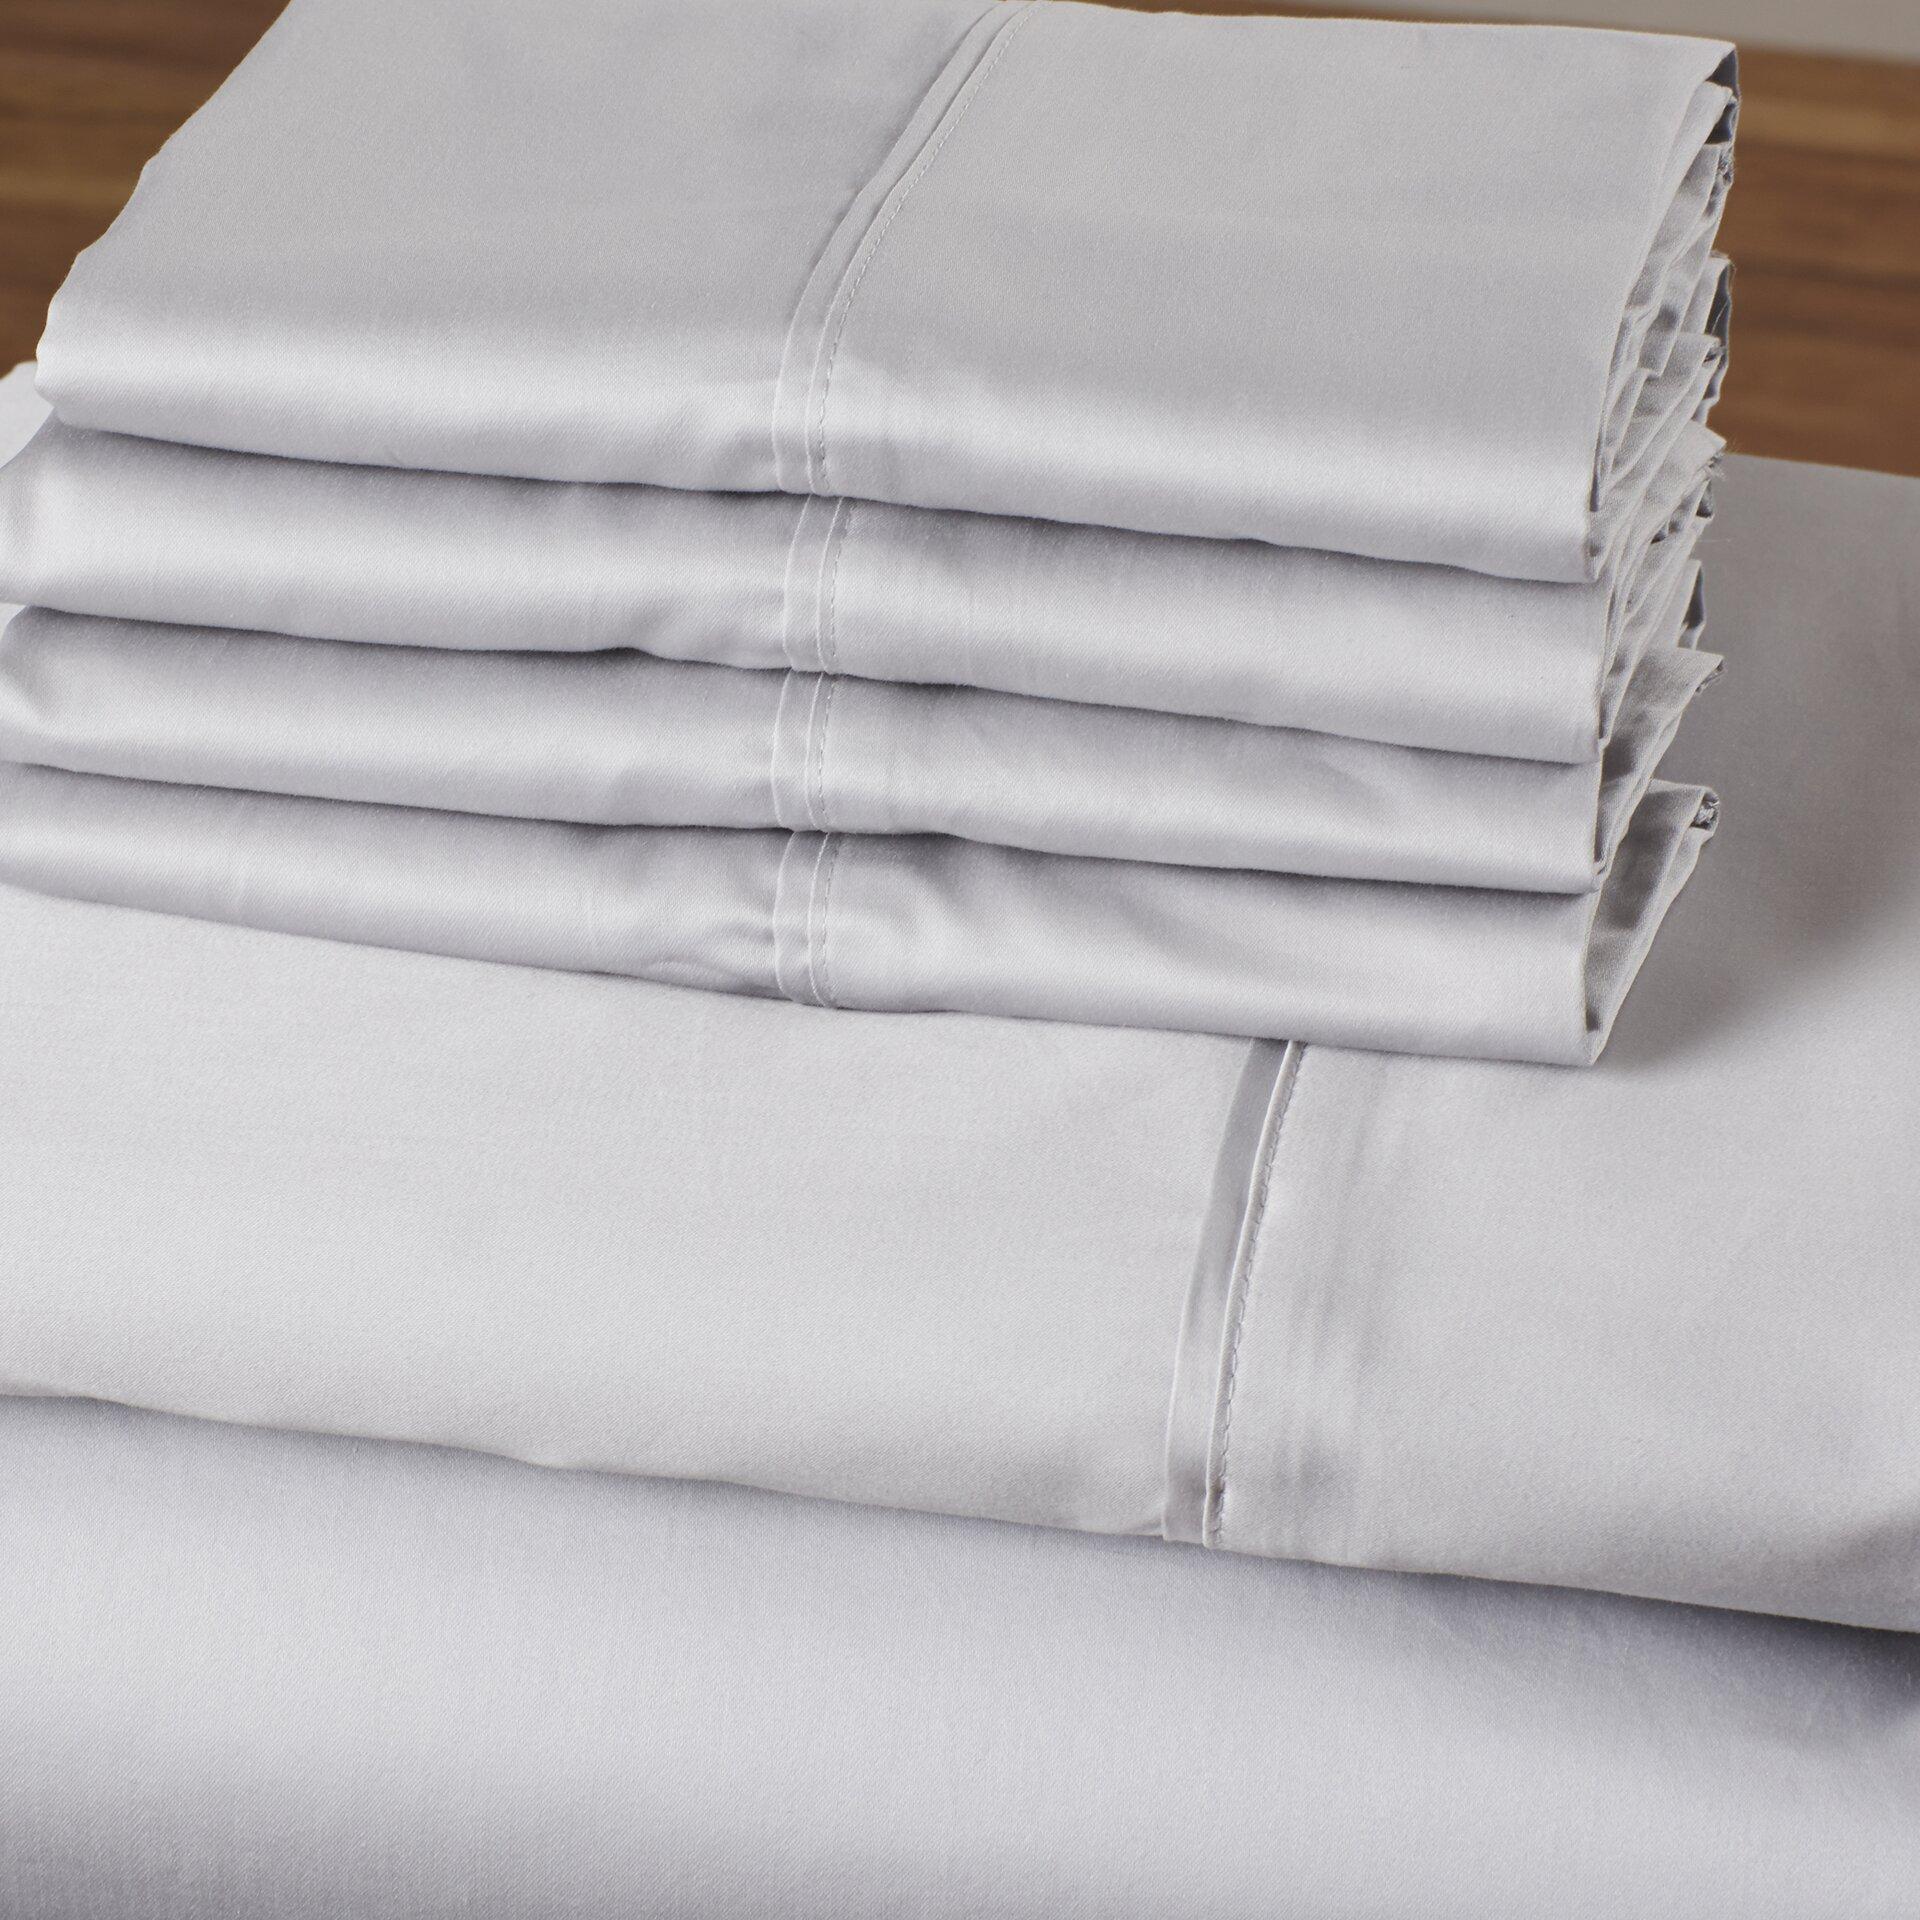 California King Bed Sheets White Deep Pocket